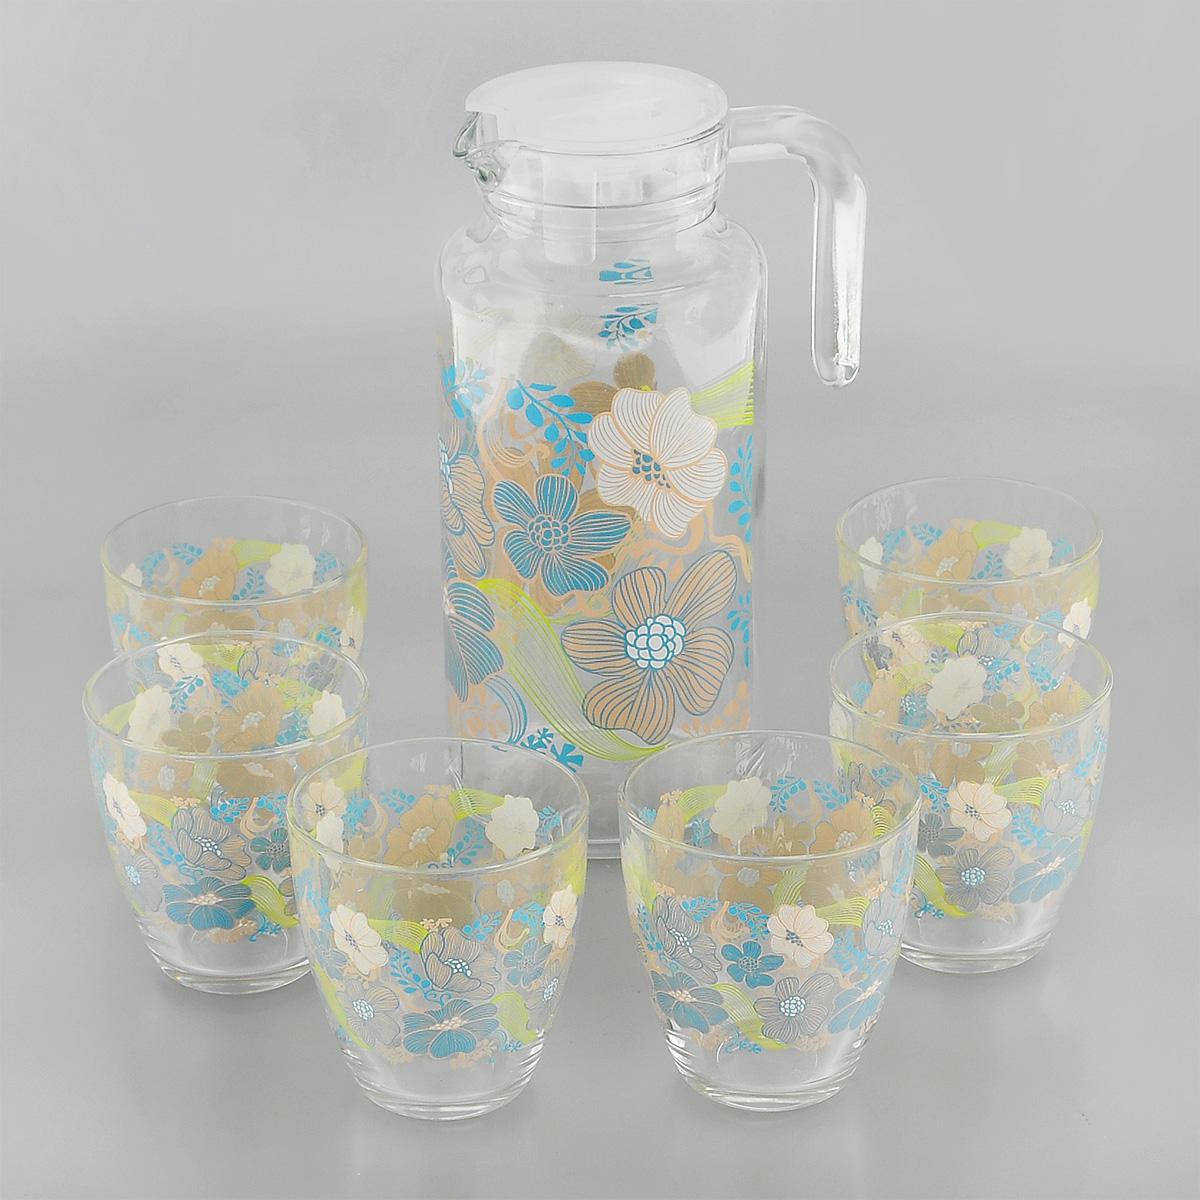 Набор для воды Pasabahce Workshop Blue Dream, 7 предметов95972BD2Набор Pasabahce Workshop Blue Dream состоит из шести стаканов и кувшина, выполненных из прочного натрий-кальций-силикатного стекла. Предметы набора, декорированные цветочным рисунком, предназначены для воды, сока и других напитков. Кувшин снабжен пластиковой, плотно закрывающейся крышкой. Изделия сочетают в себе элегантный дизайн и функциональность. Благодаря такому набору пить напитки будет еще вкуснее. Набор для воды Pasabahce Workshop Blue Dream прекрасно оформит праздничный стол и создаст приятную атмосферу. Такой набор также станет хорошим подарком к любому случаю. Можно мыть в посудомоечной машине и использовать в микроволновой печи. Объем кувшина: 1,3 л. Диаметр кувшина (по верхнему краю): 7,5 см. Высота кувшина (без учета крышки): 22,5 см. Объем стакана: 285 мл. Диаметр стакана (по верхнему краю): 8 см. Высота стакана: 9 см.